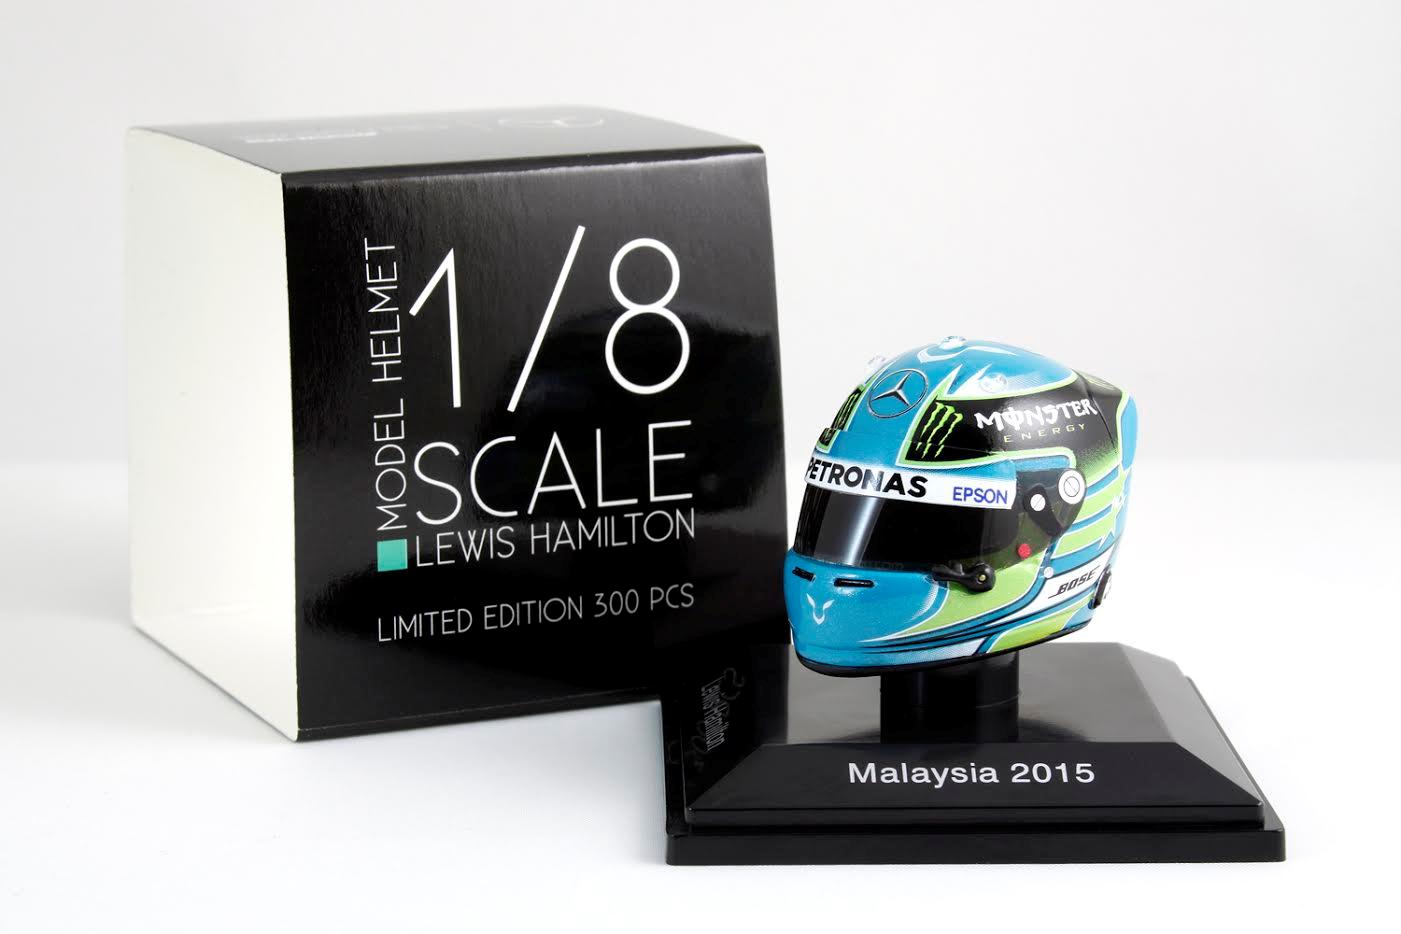 Spark 1 8 Scale Lewis Hamilton Mercedes AMG Petronas 2015 Casque de Malaisie